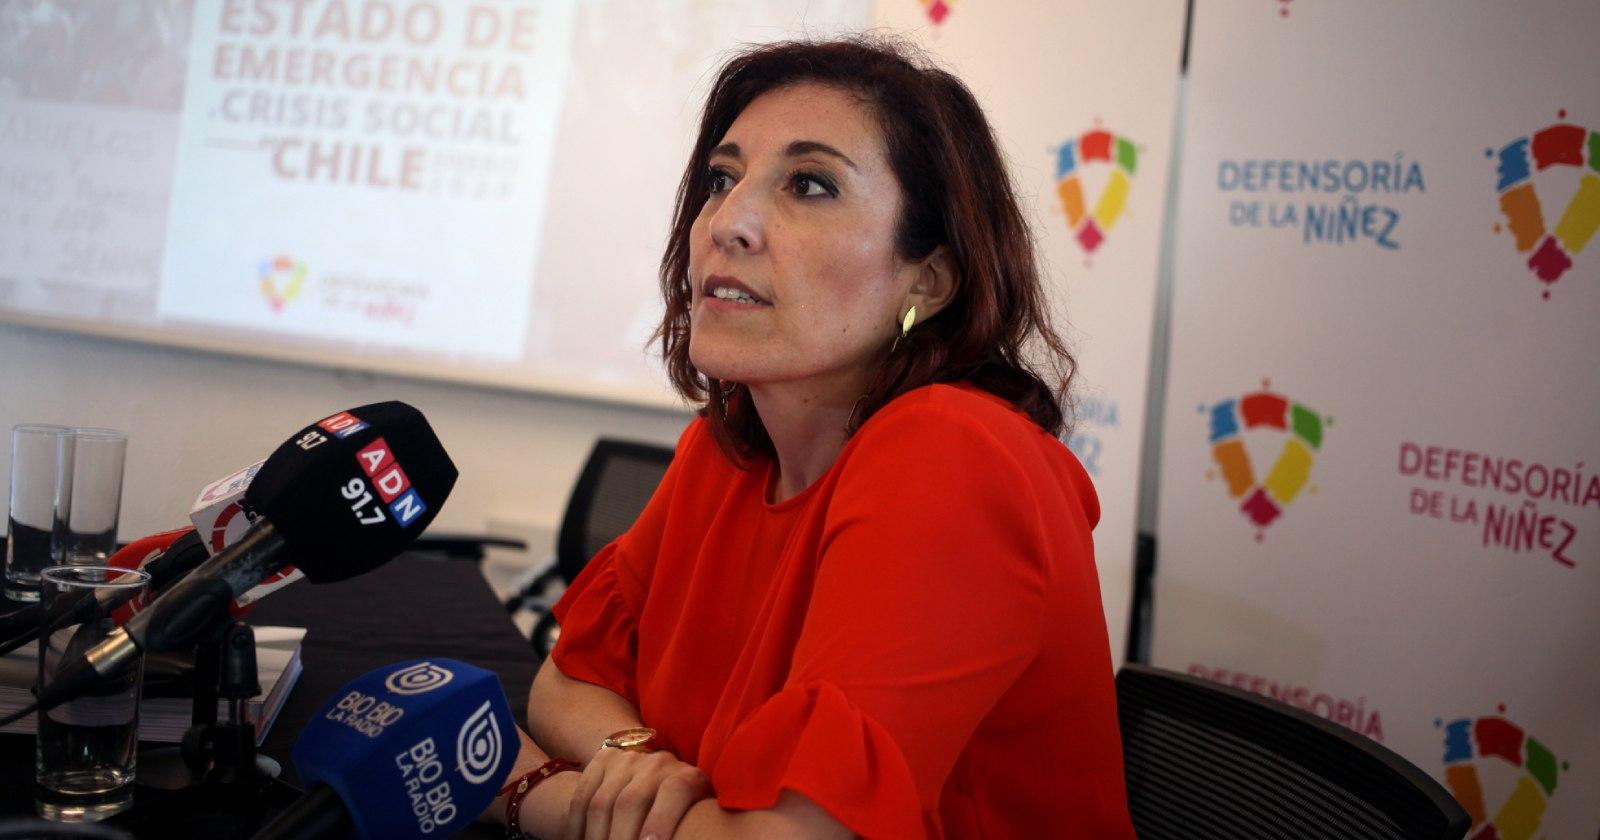 """""""Defensora de la Niñez pide permisos para que menores puedan pasear en cuarentena"""""""